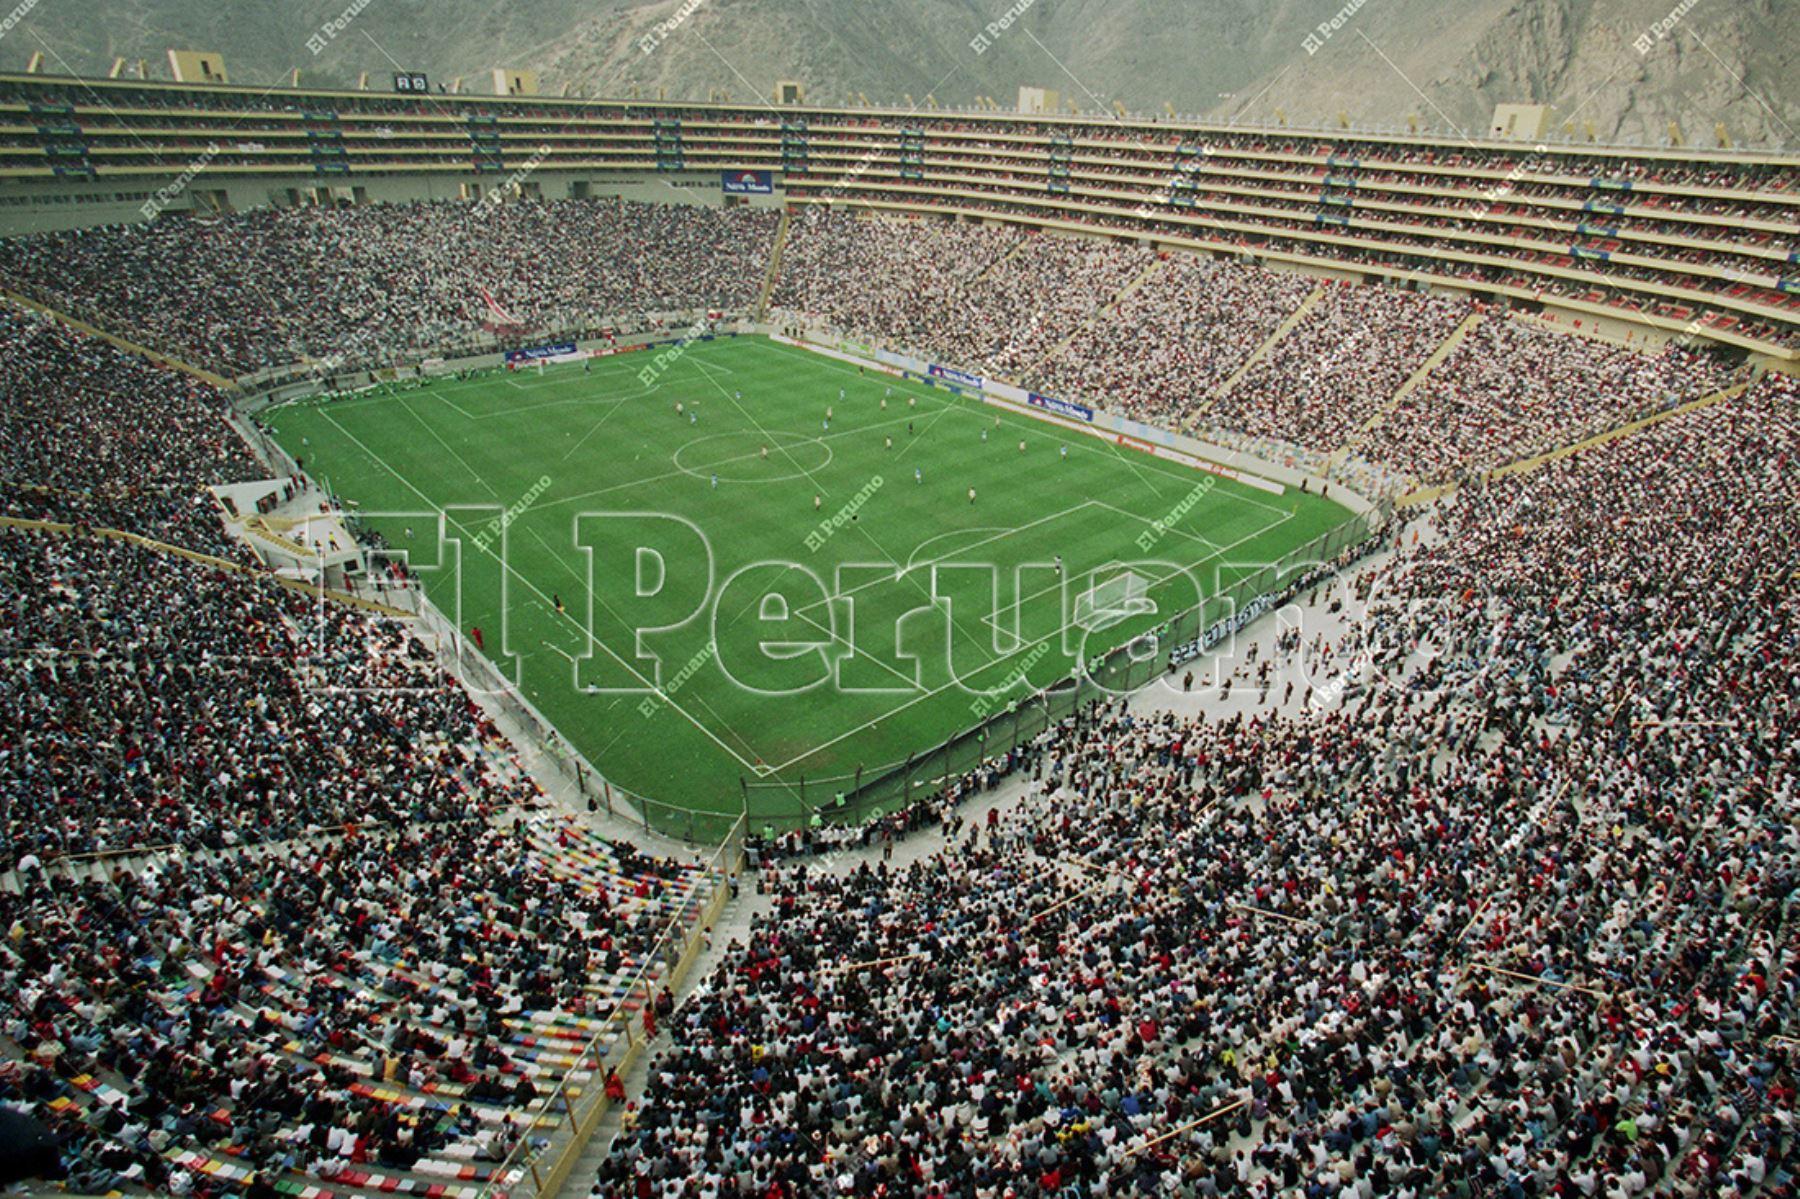 Lima - 02 de julio 2000 / Inauguración del Estadio Monumental con el partido entre Universitario de Deportes y Sporting Cristal por el Torneo Apertura de fútbol. Foto: Diario El Peruano / Jack Ramón